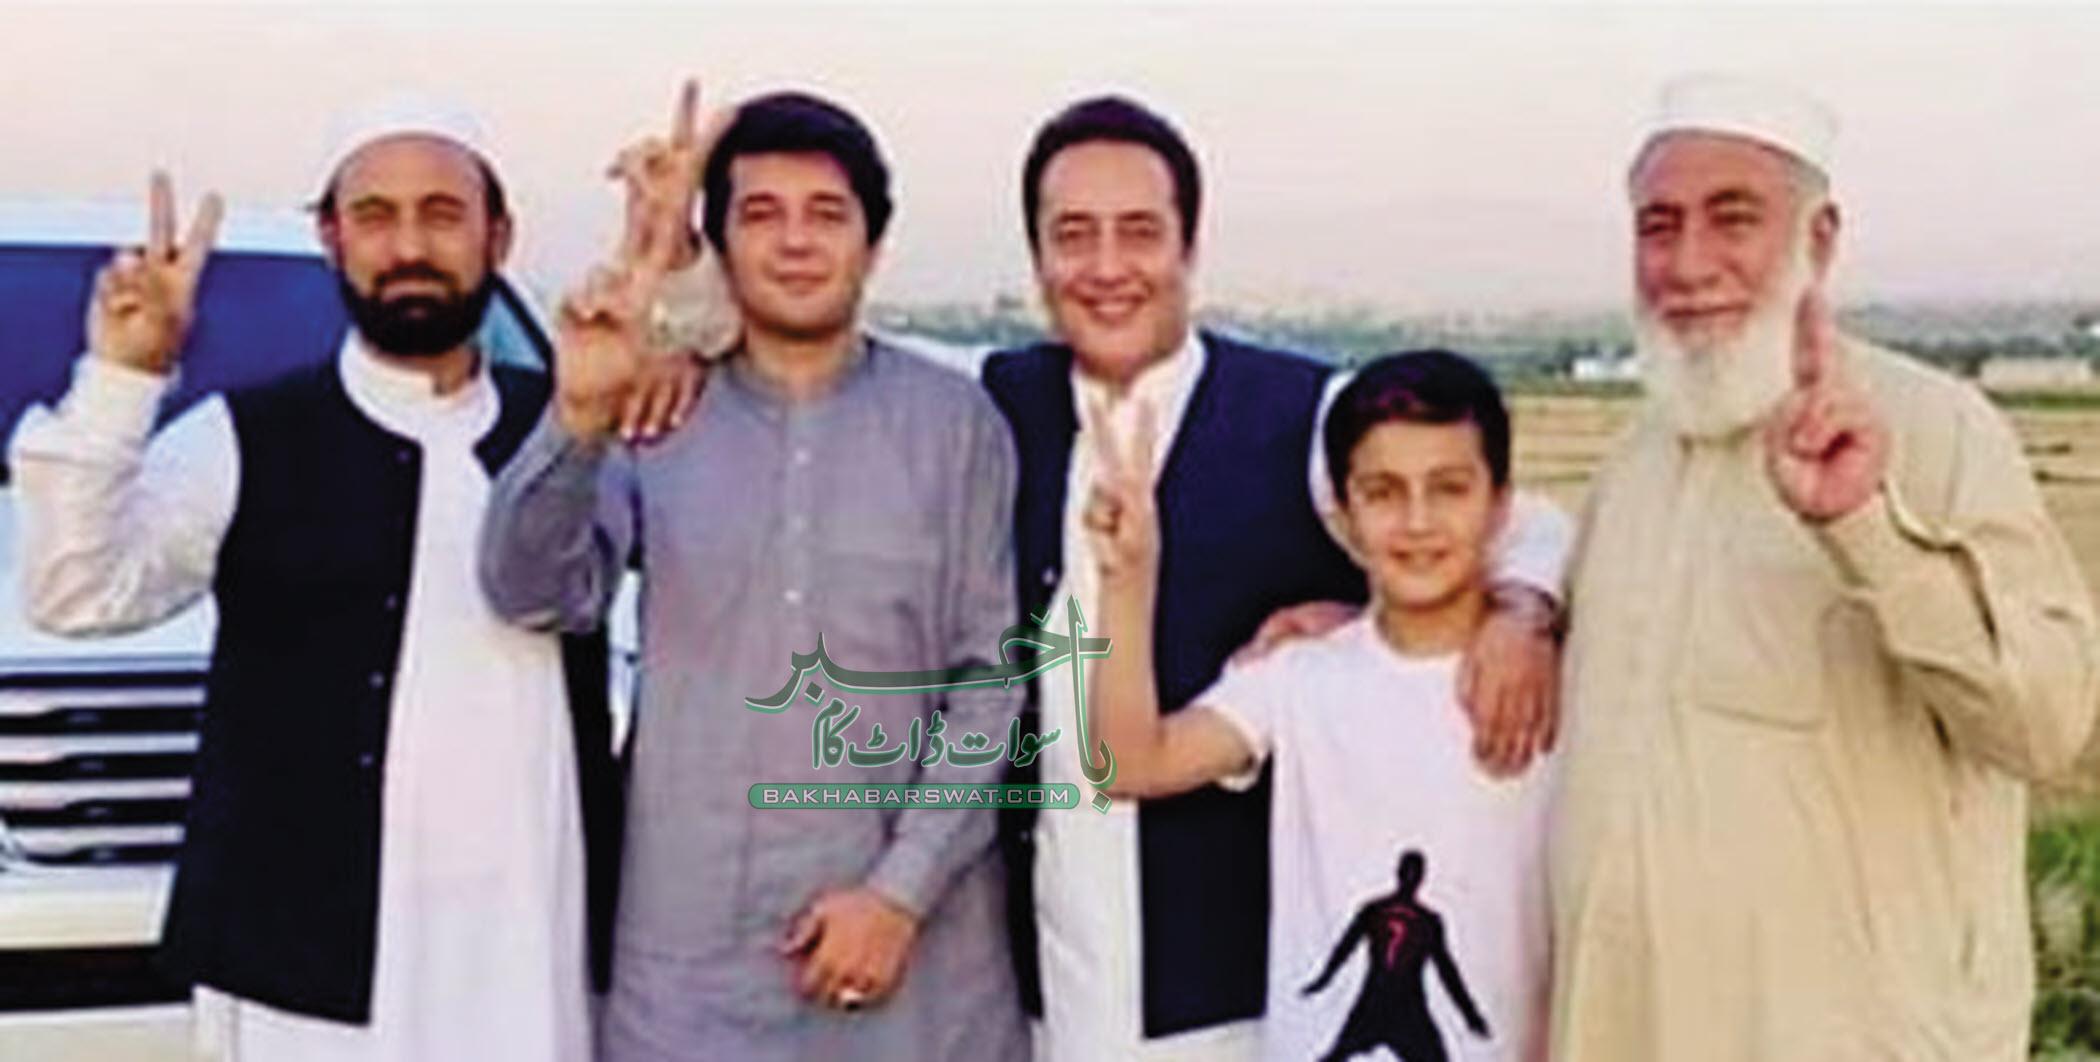 پشاور ہائی کورٹ مینگورہ بنچ، سابق ایم این اے کے بیٹے کو رہا کرنے کا حکم جاری